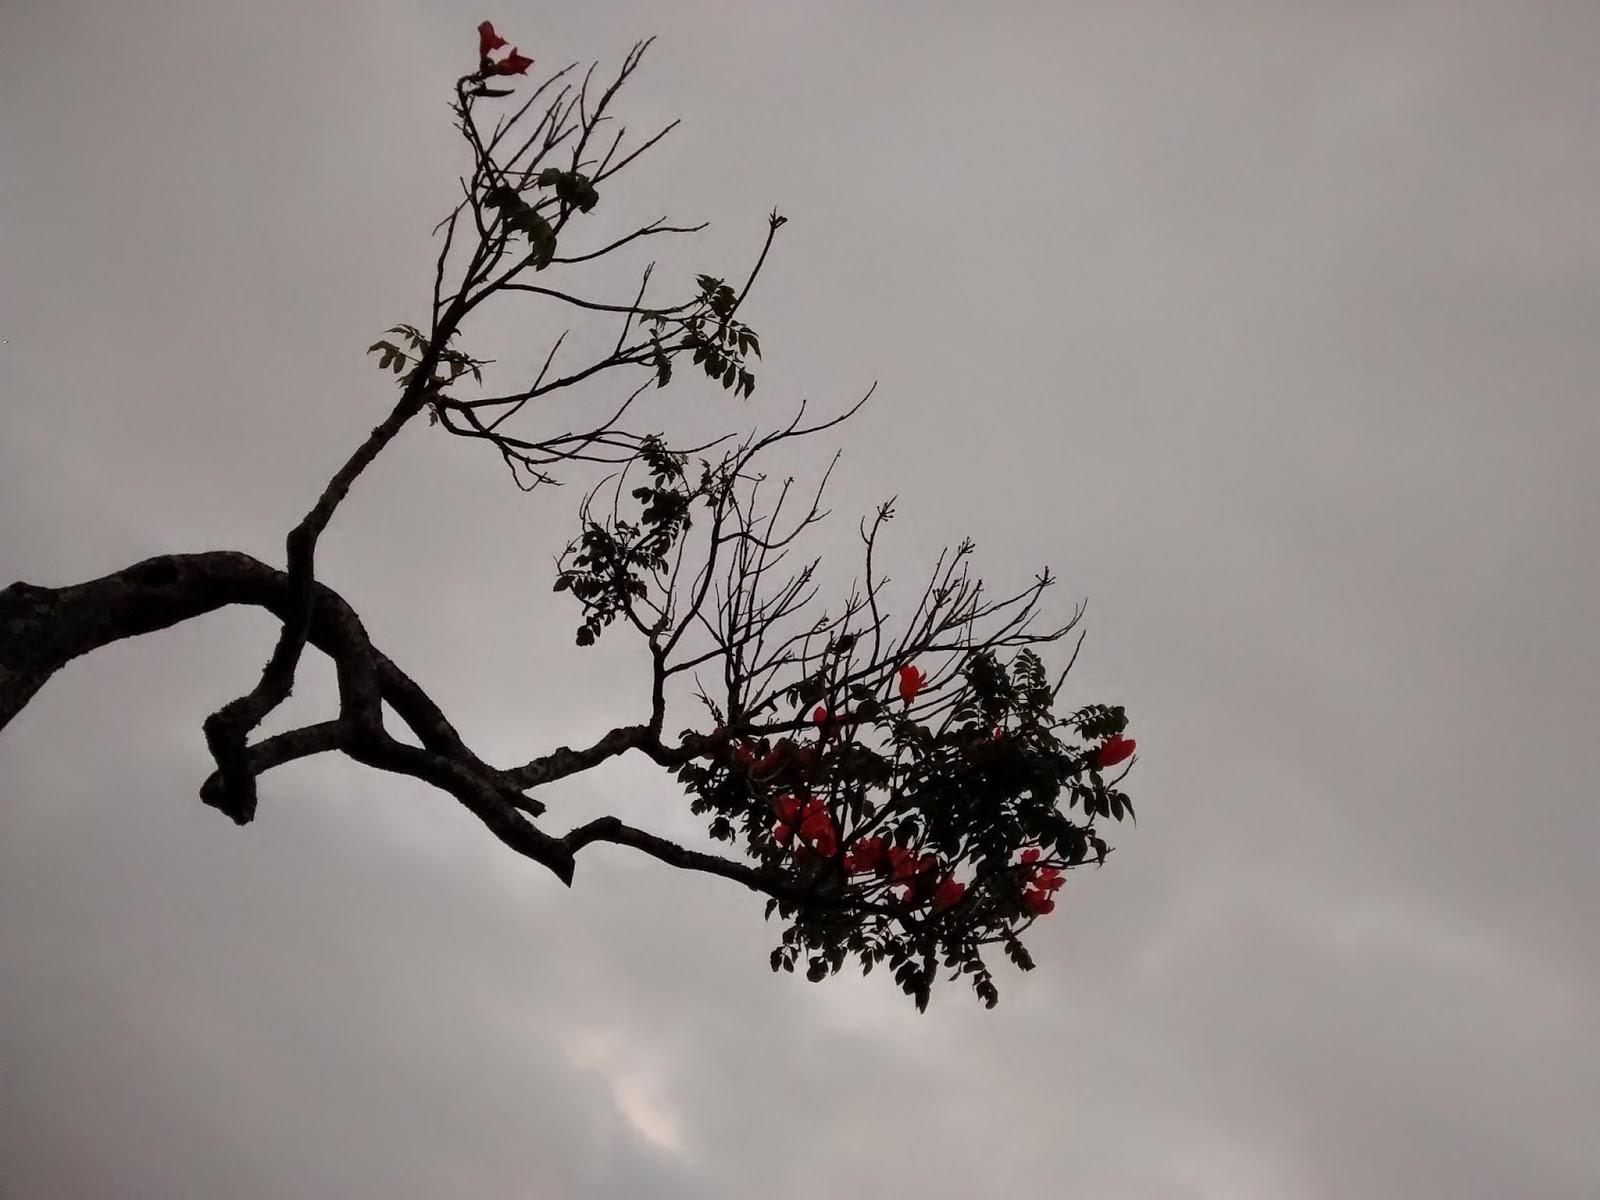 Foto tirada no Parque Ceret